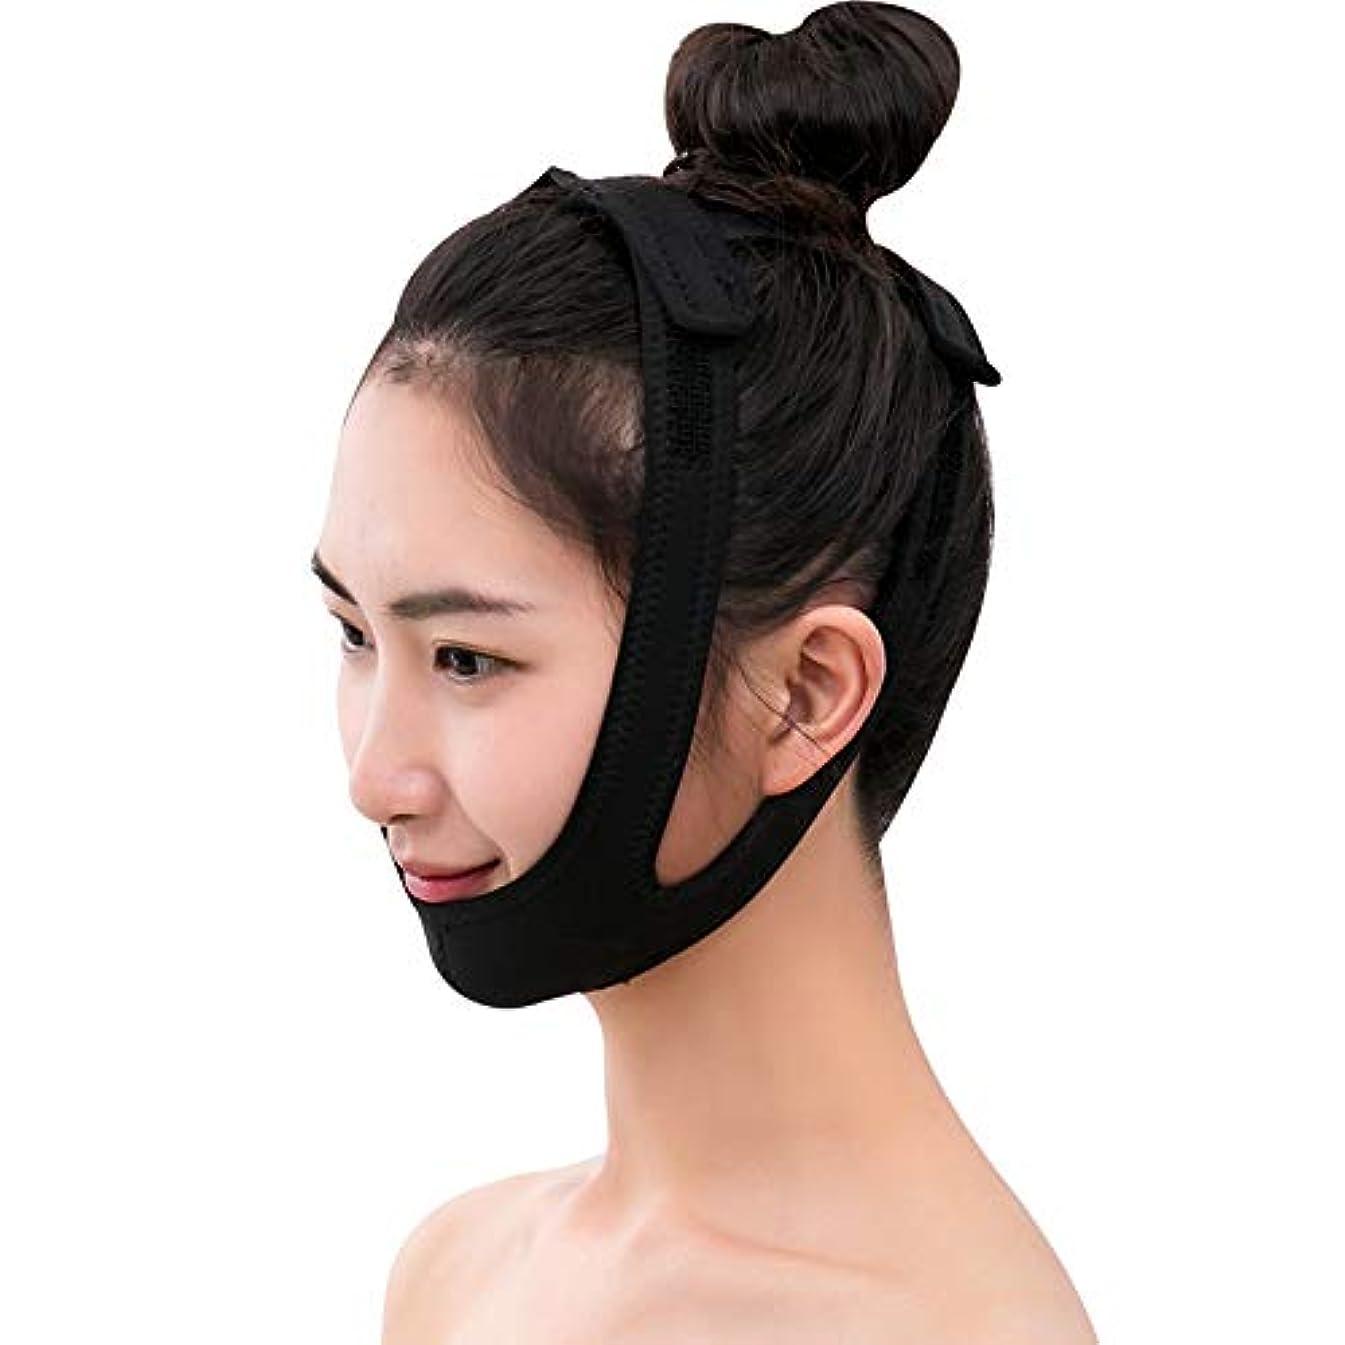 ささいなのためすごいJia Jia- フェイシャルリフティング痩身ベルト圧縮二重あご減量ベルトスキンケア薄い顔包帯二重あごワークアウト 顔面包帯